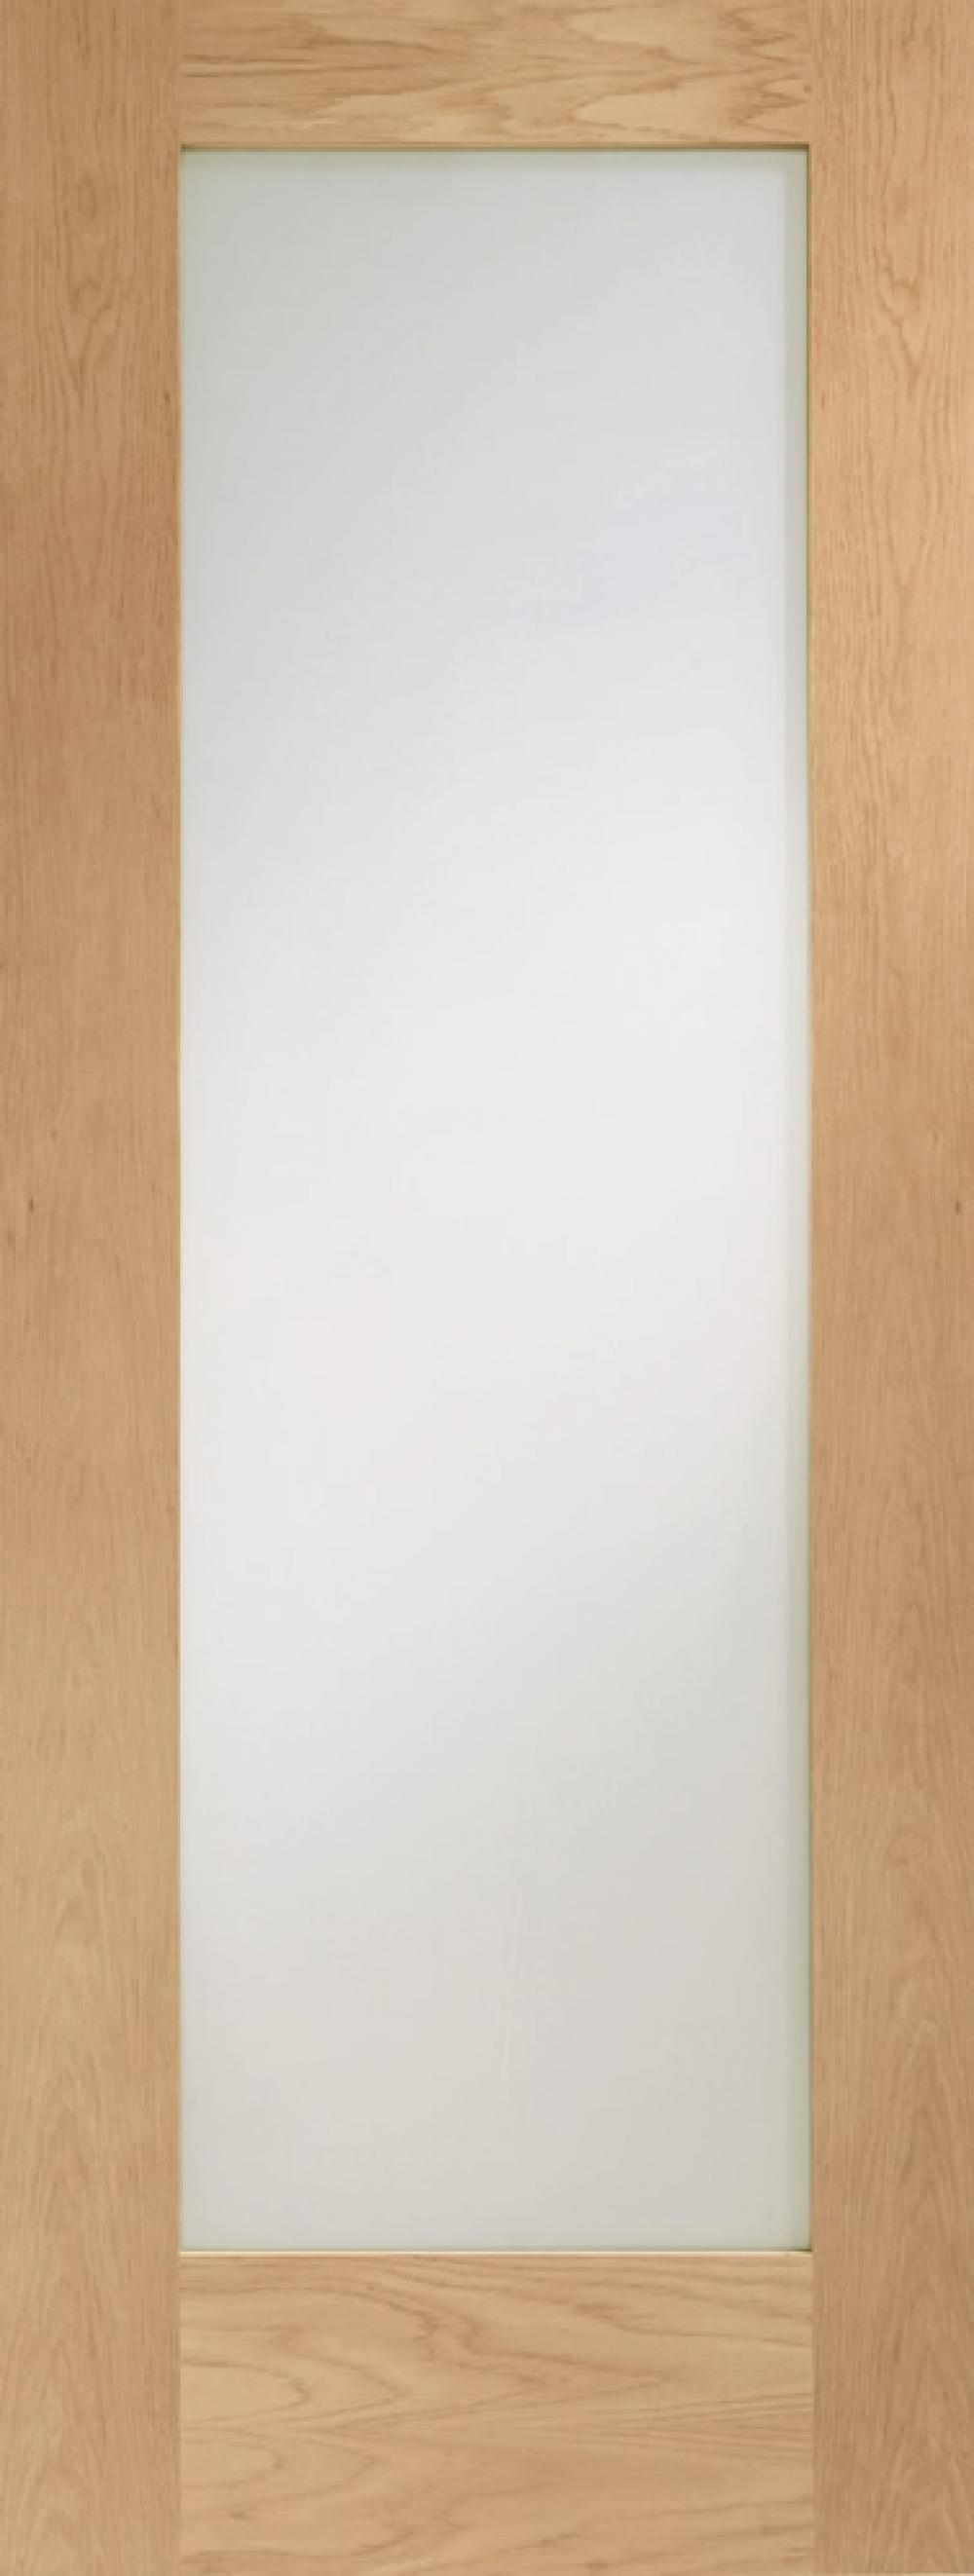 Pattern 10 Oak Glazed Door - Obscure